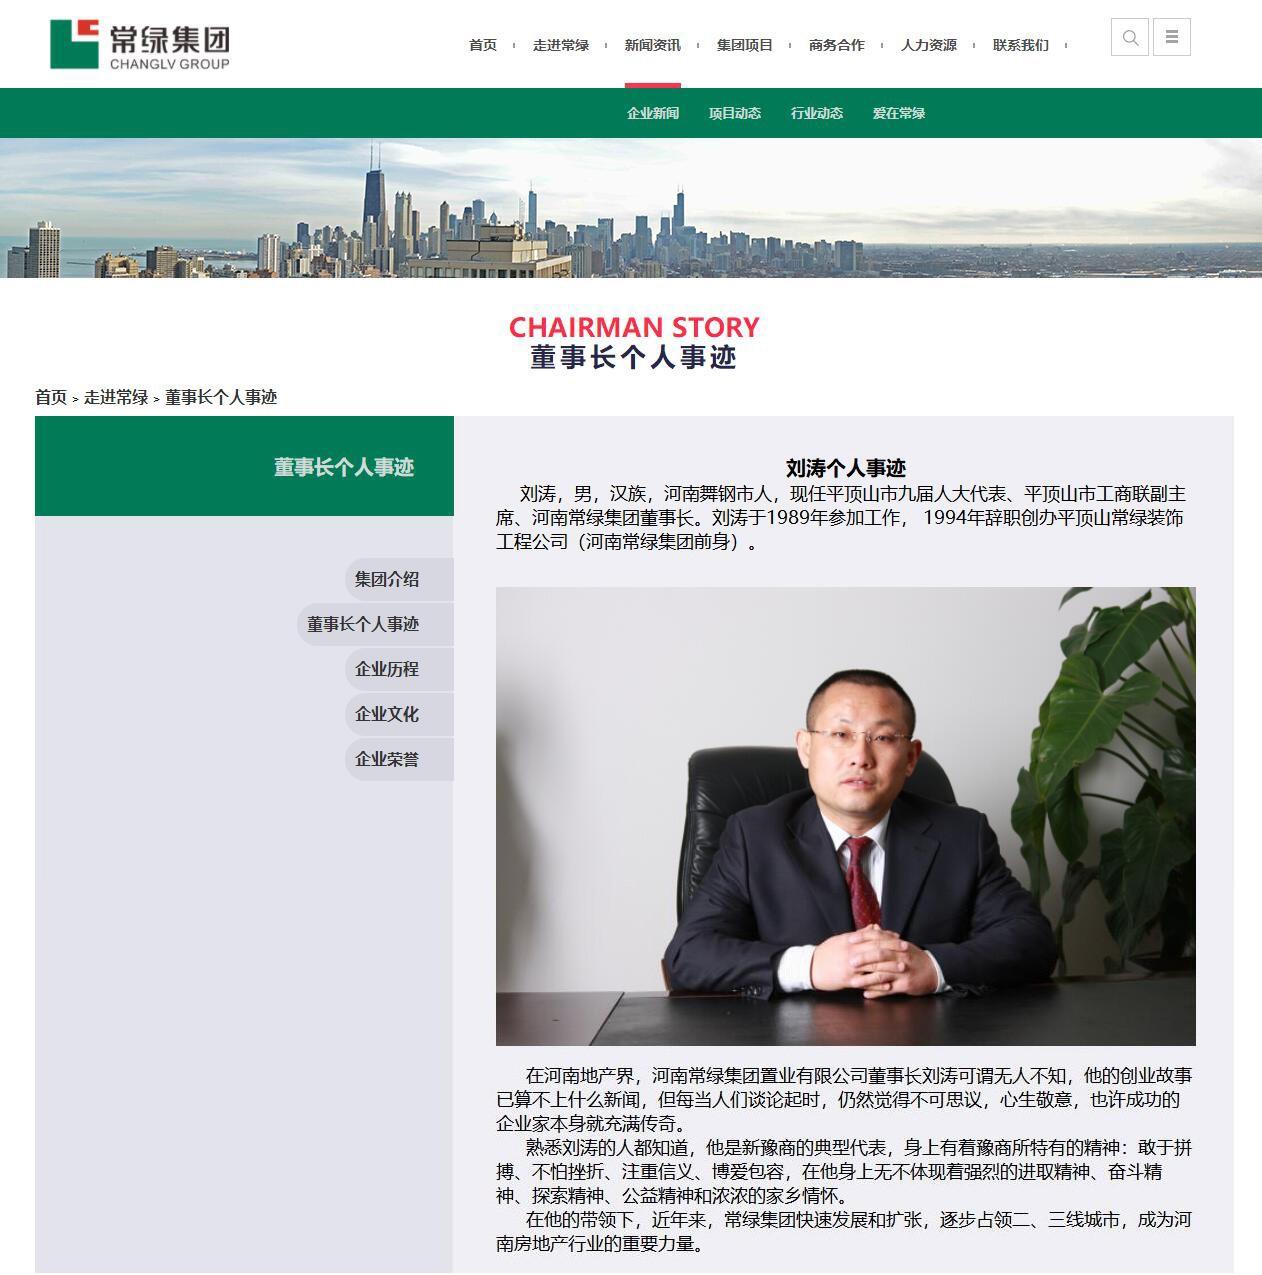 河南常绿集团置业有限公司董事长刘涛事迹简介截图